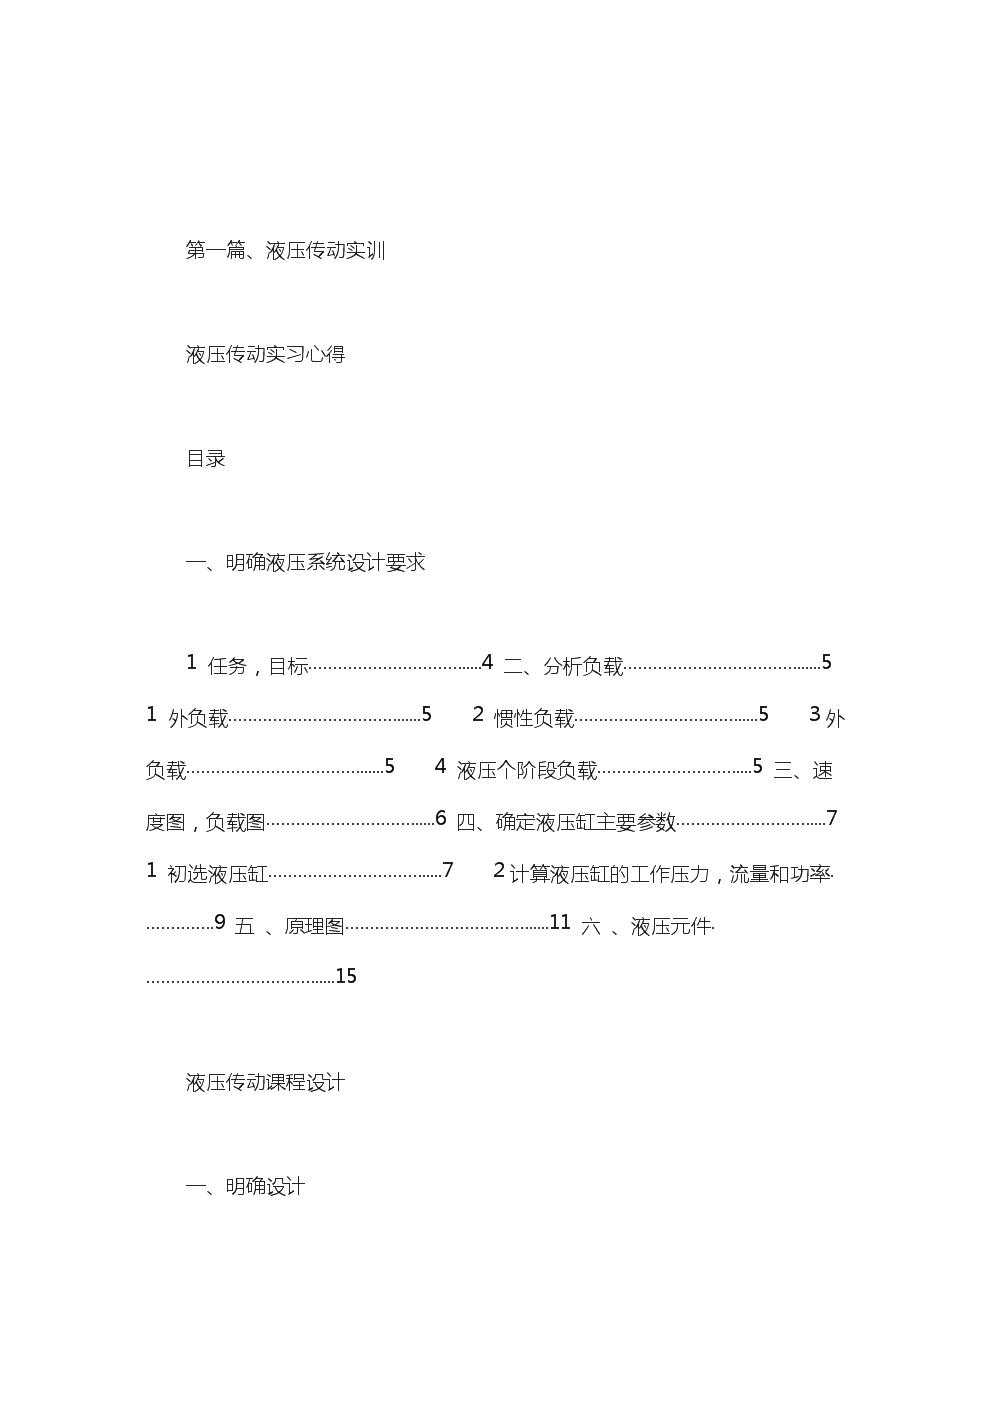 液压传动实习心得.doc